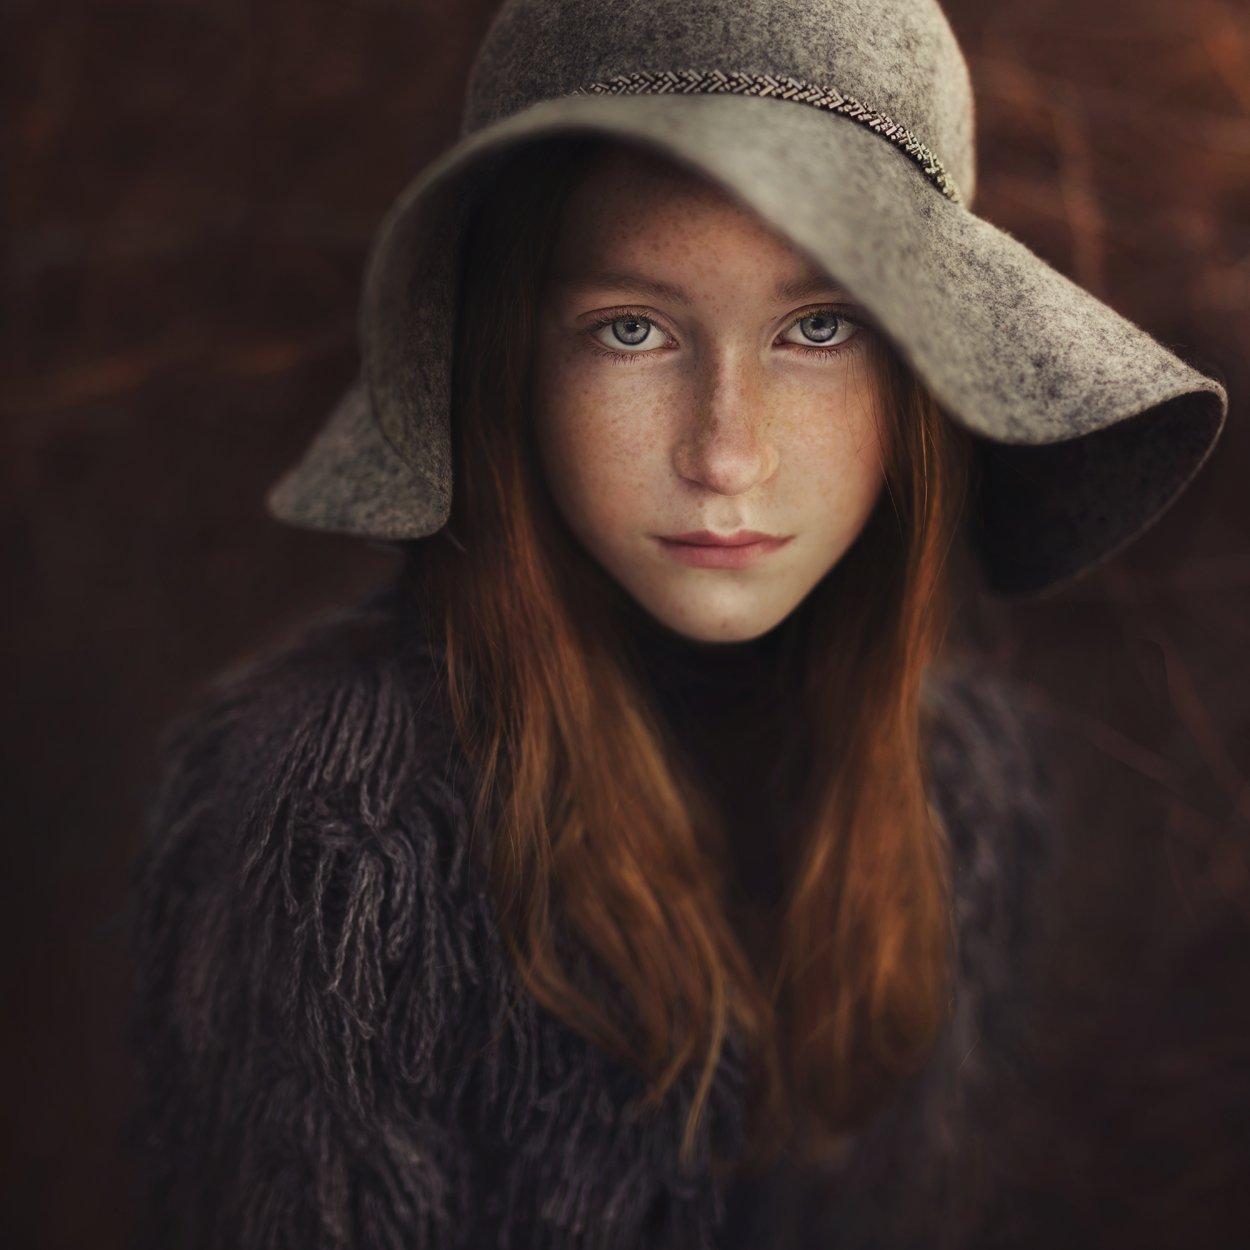 35photo, portrait, gosiajurasz, girl, portret, девушка, портрет, Gosia Jurasz